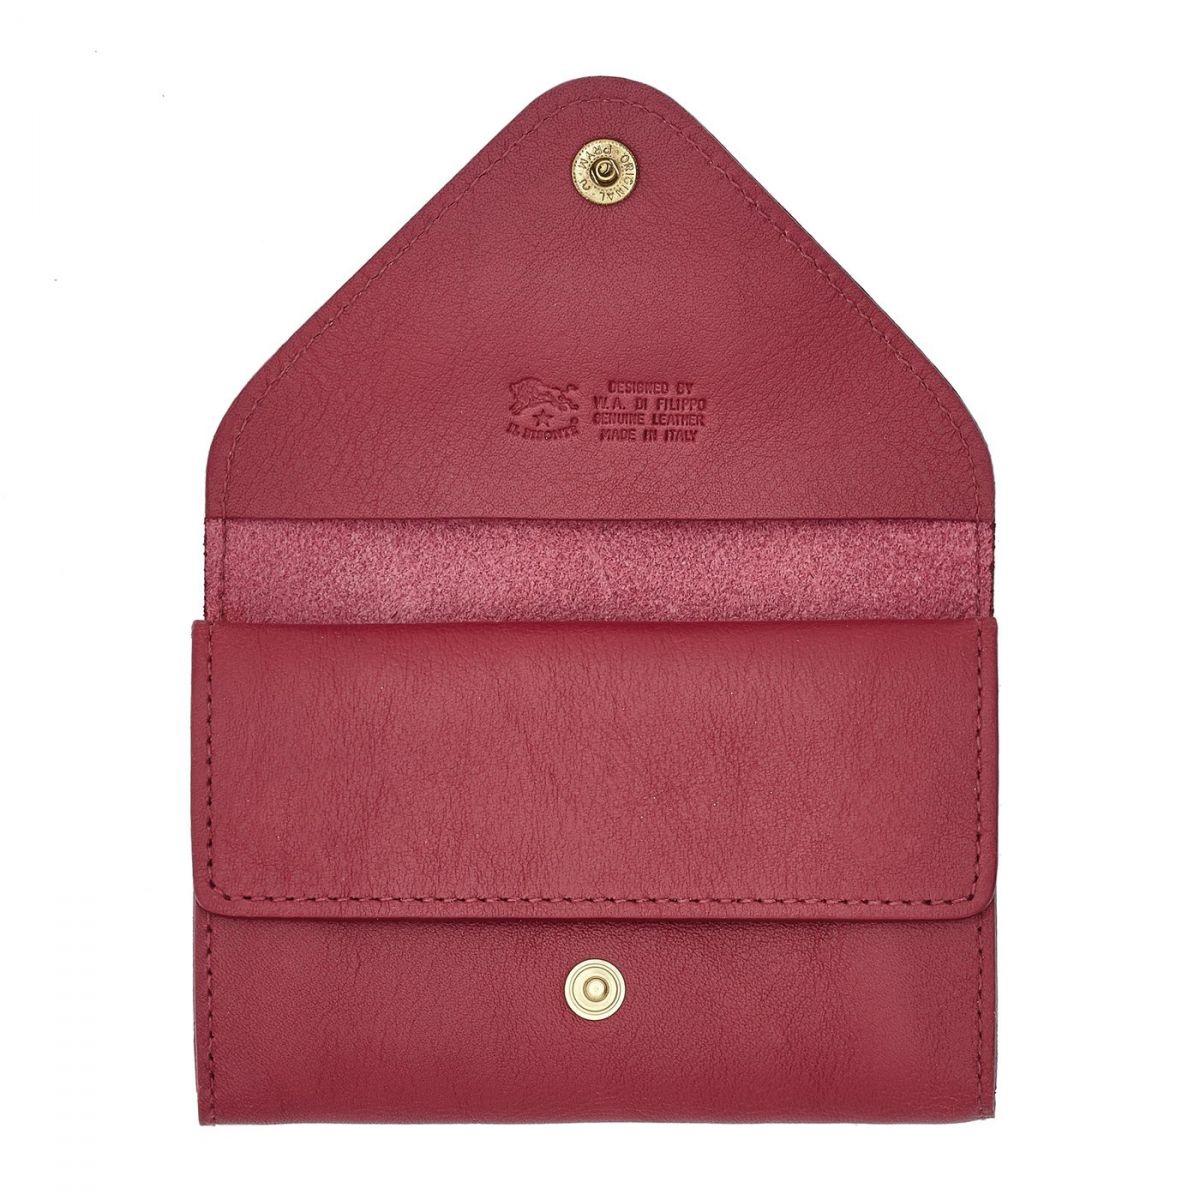 Porta Carte Uffizi in Pelle Di Vacchetta SCC039 colore Sumac | Details